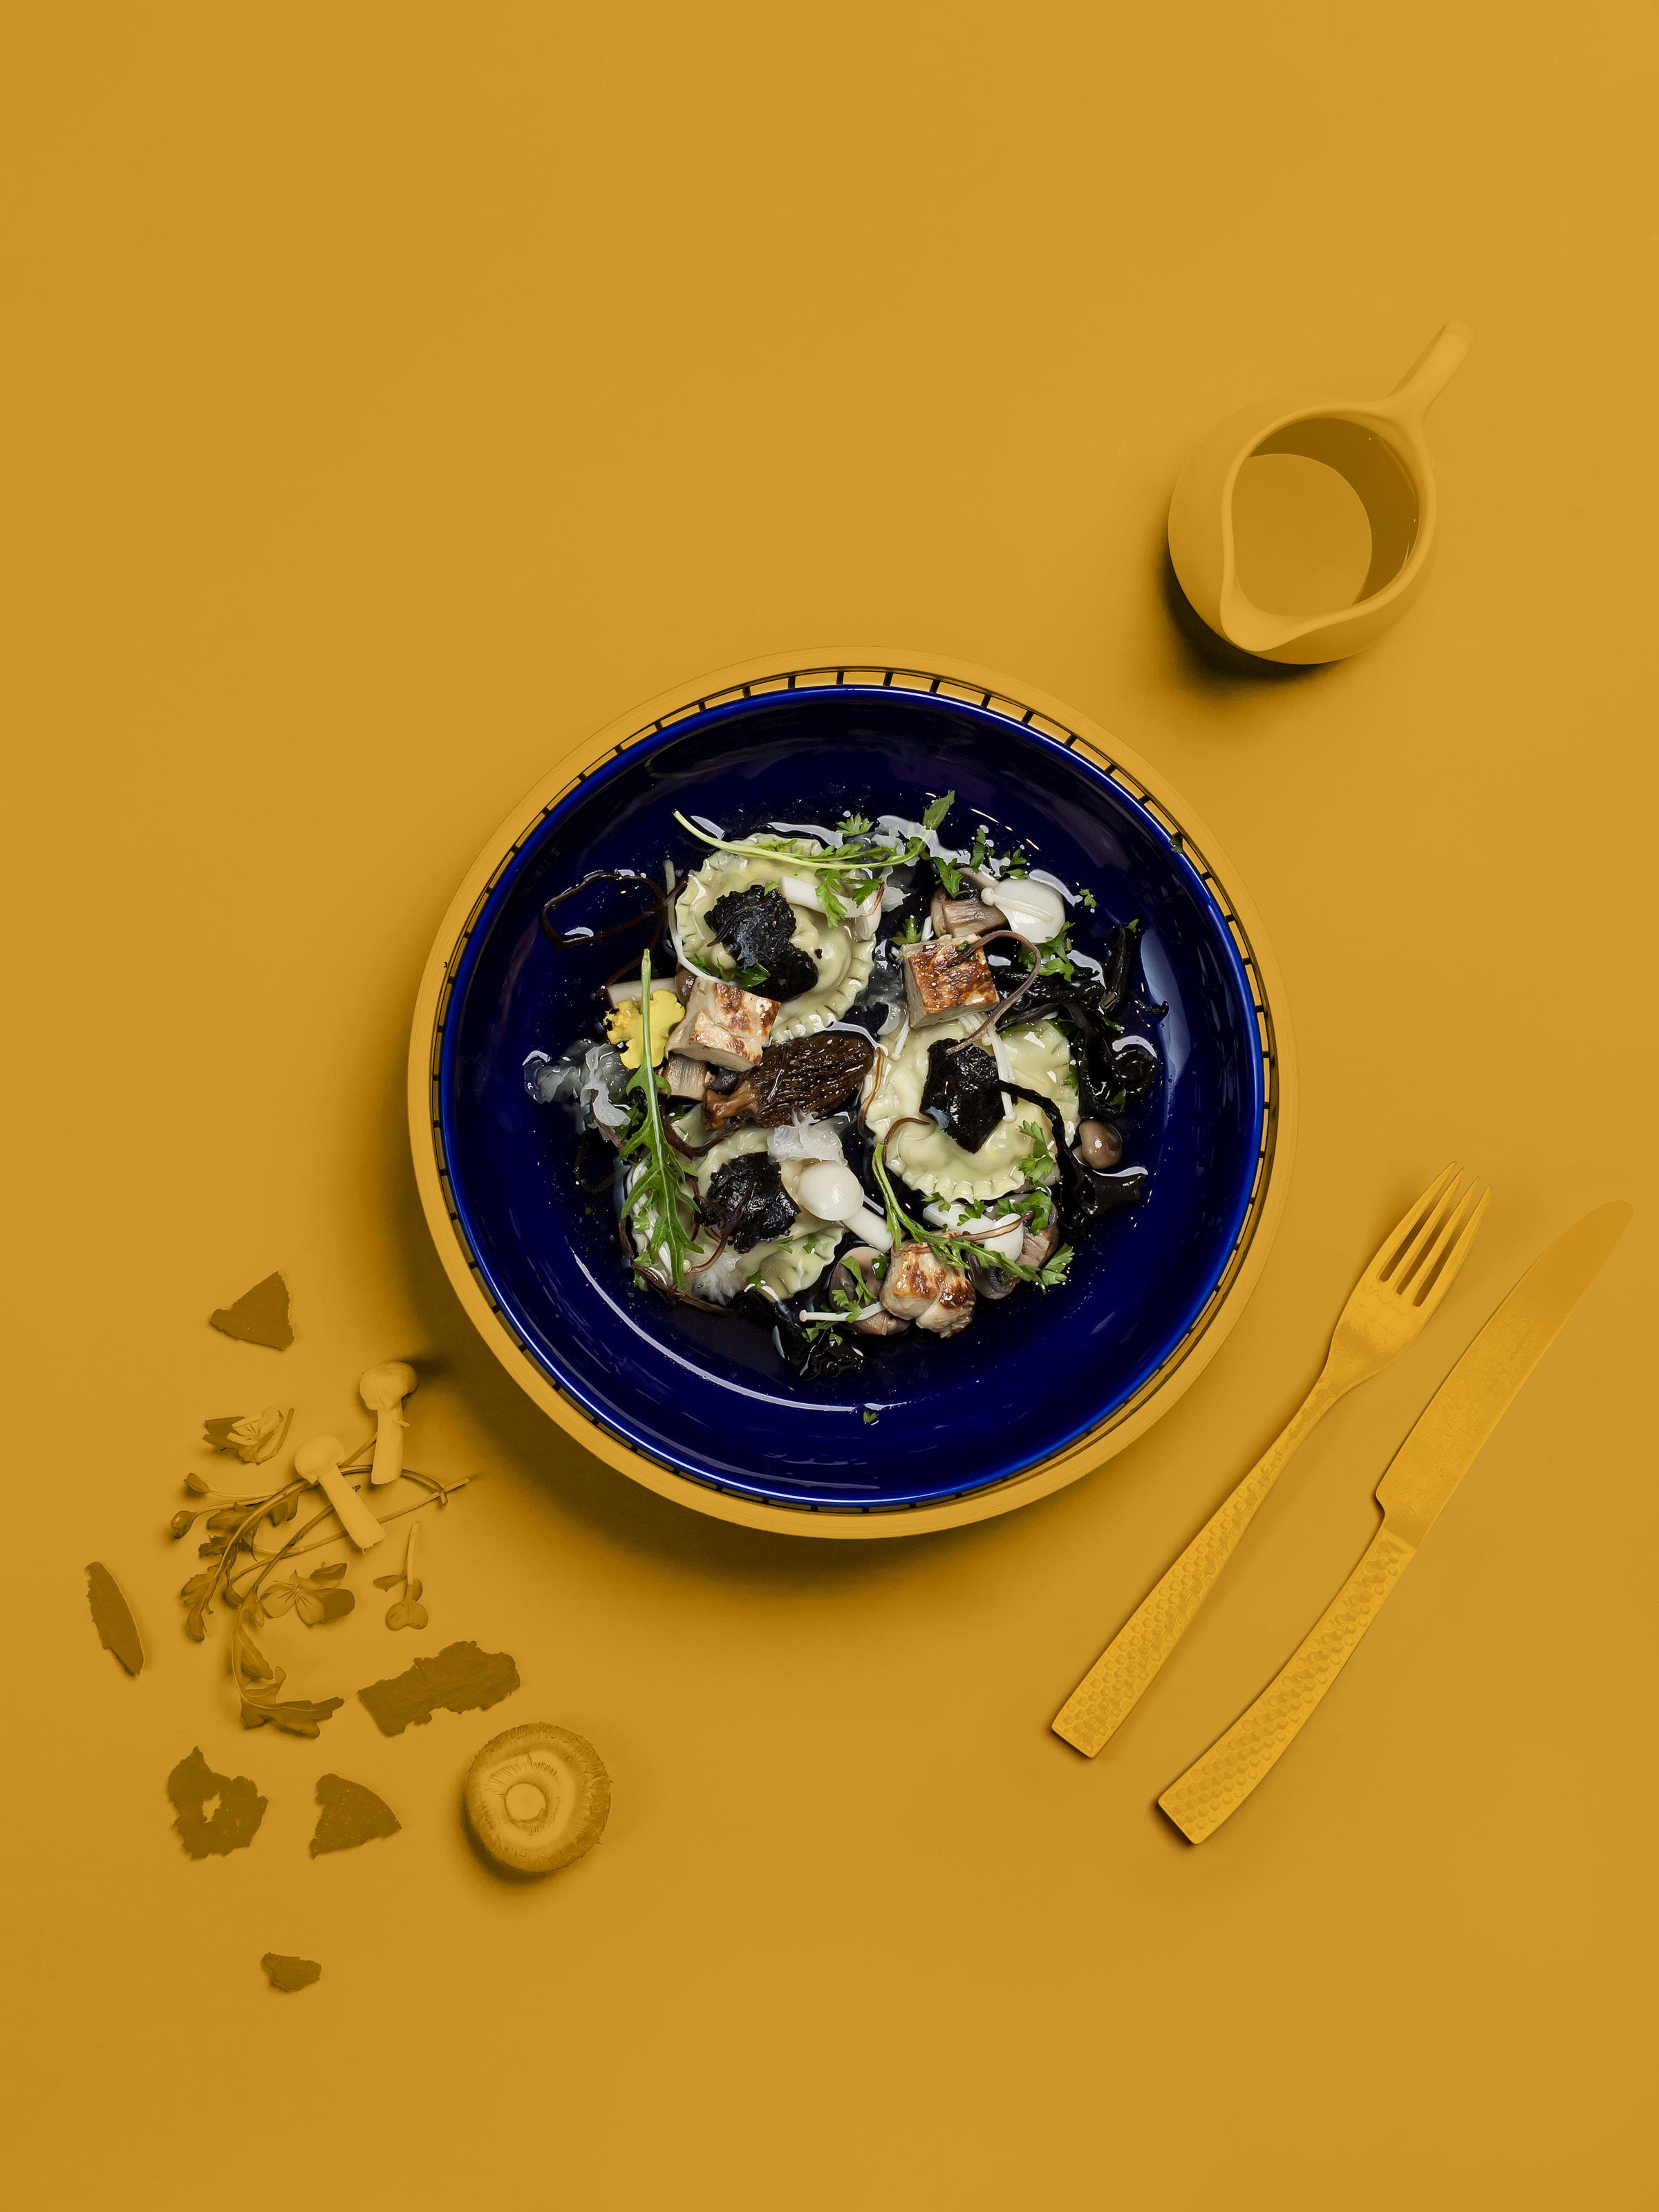 Bánh xếp gan ngỗng gây ấn tượng trong hương vị và cách trình bày.